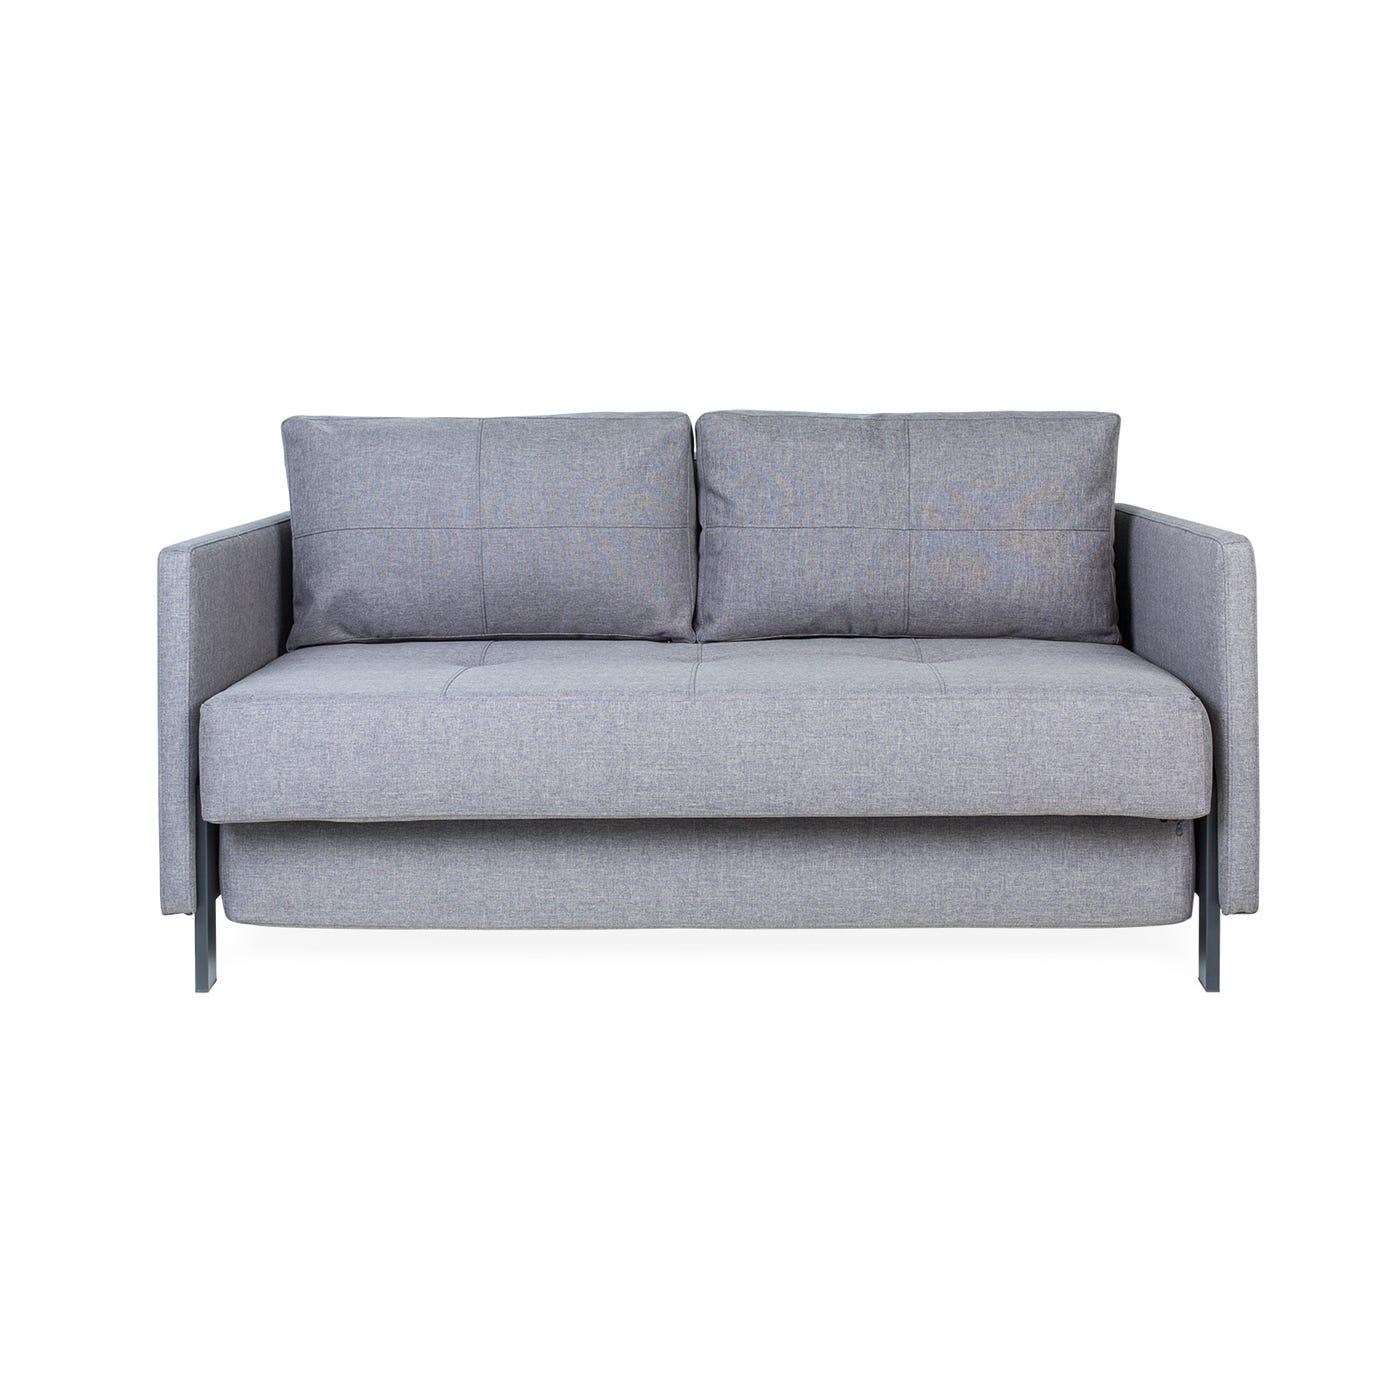 Cubed Sofa Bed Dark Grey